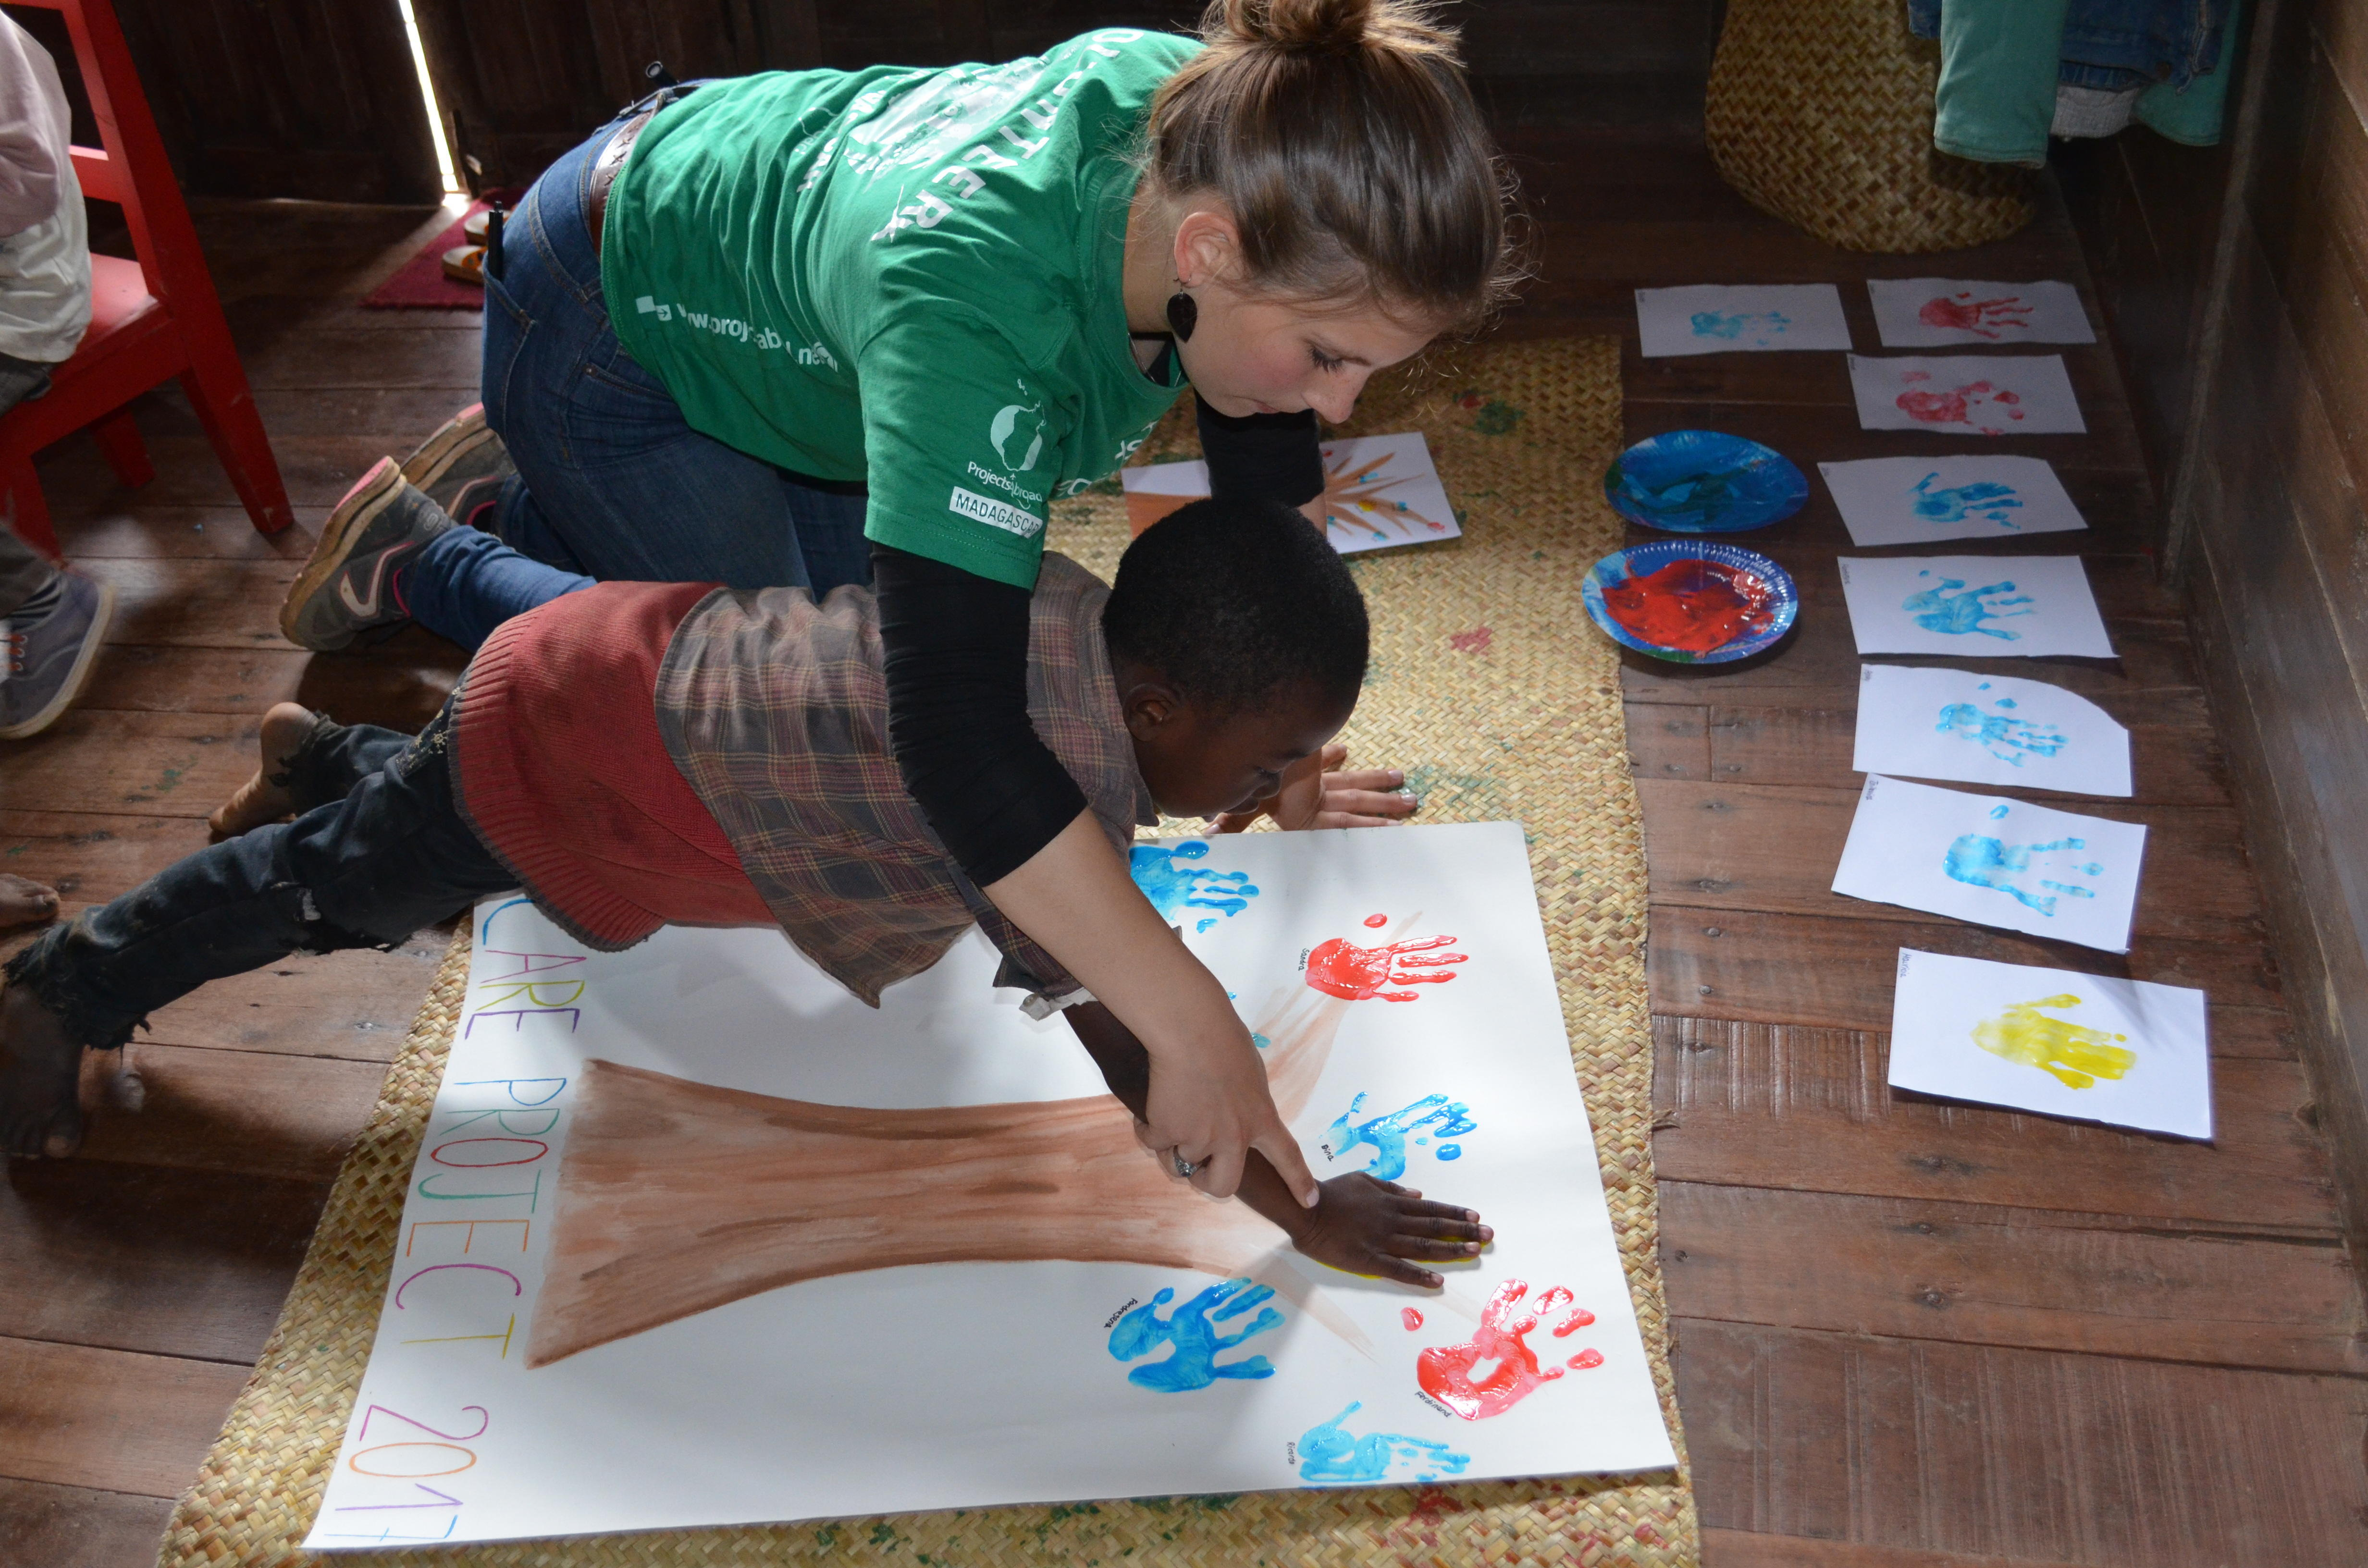 마다가스카르 케어센터에서 케어 프로젝트 봉사자가 어린이를 도와 손도장을 찍어 그림을 완성하고 있다.